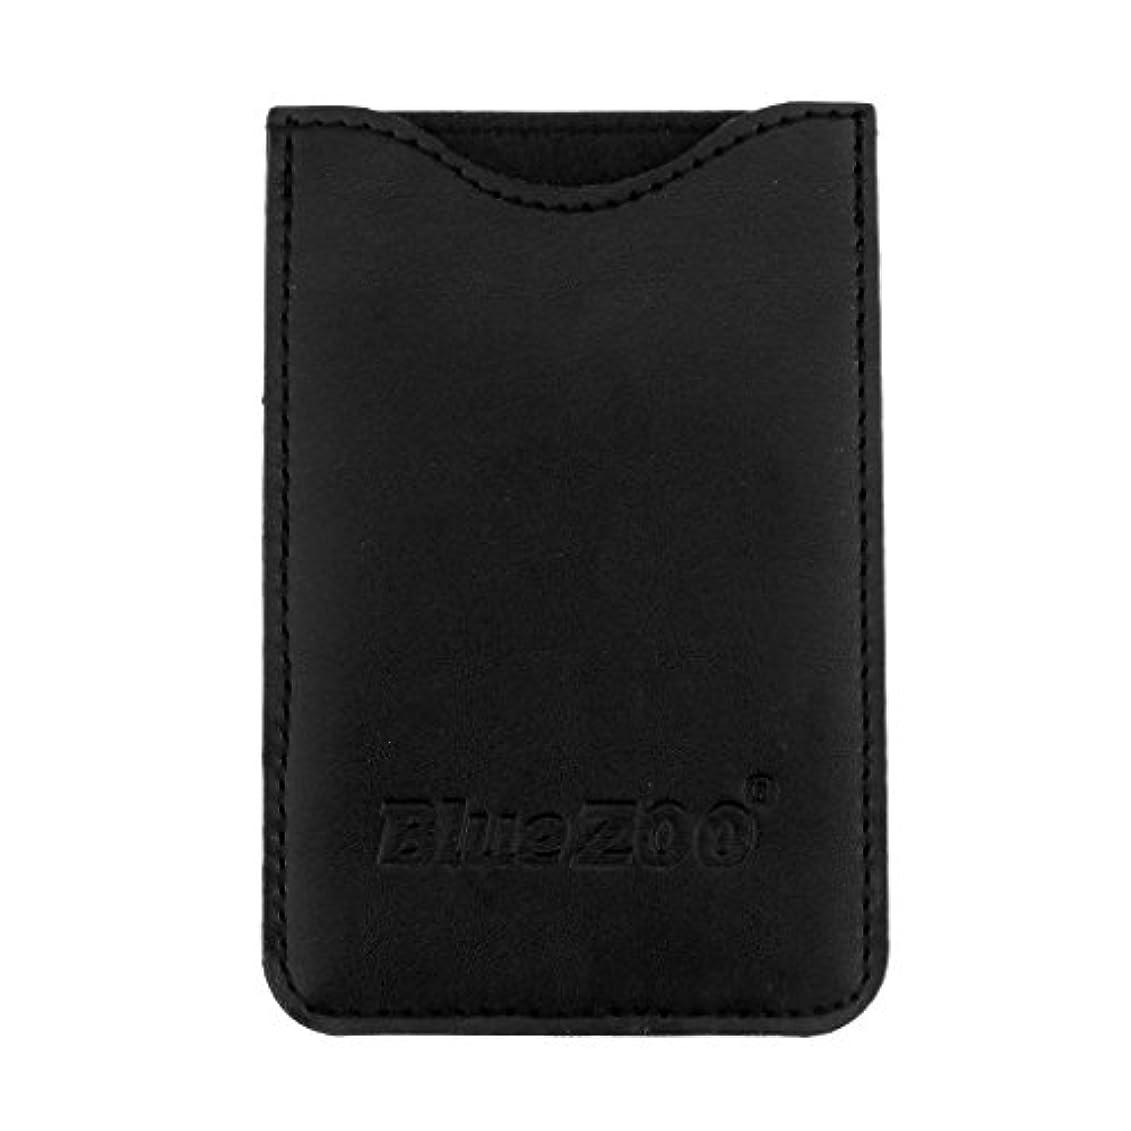 電話ロッジメディアPUレザー櫛バッグポケットオーガナイザー収納保護カバーケースパック - ブラック